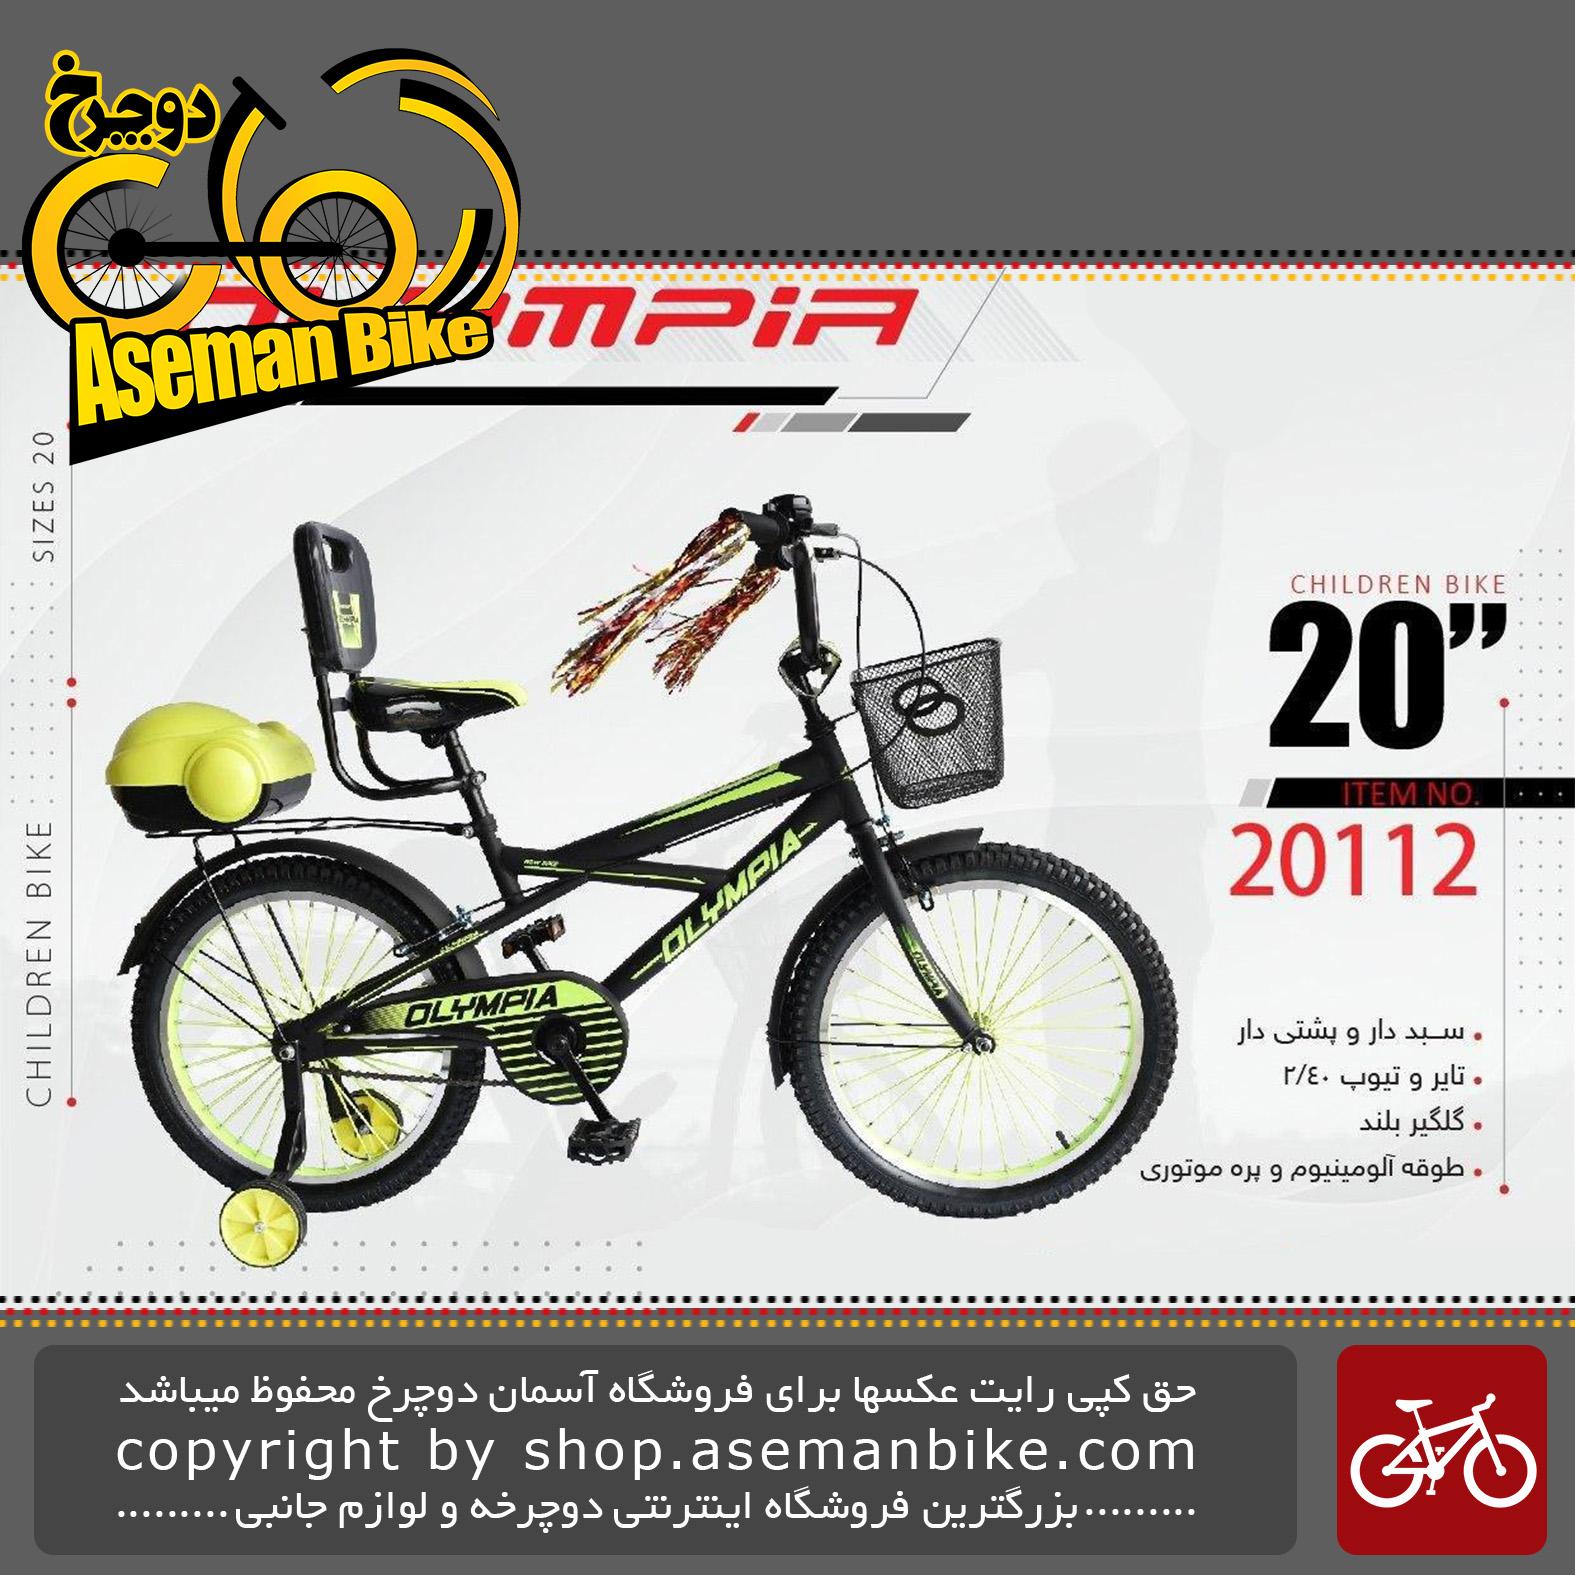 دوچرخه بچگانه المپیا سایز ۲۰ پشتی دار صندوق دار سبد دار مدل 20112 OLYMPIA Bicycle Children Bike Size 20 Model 20112